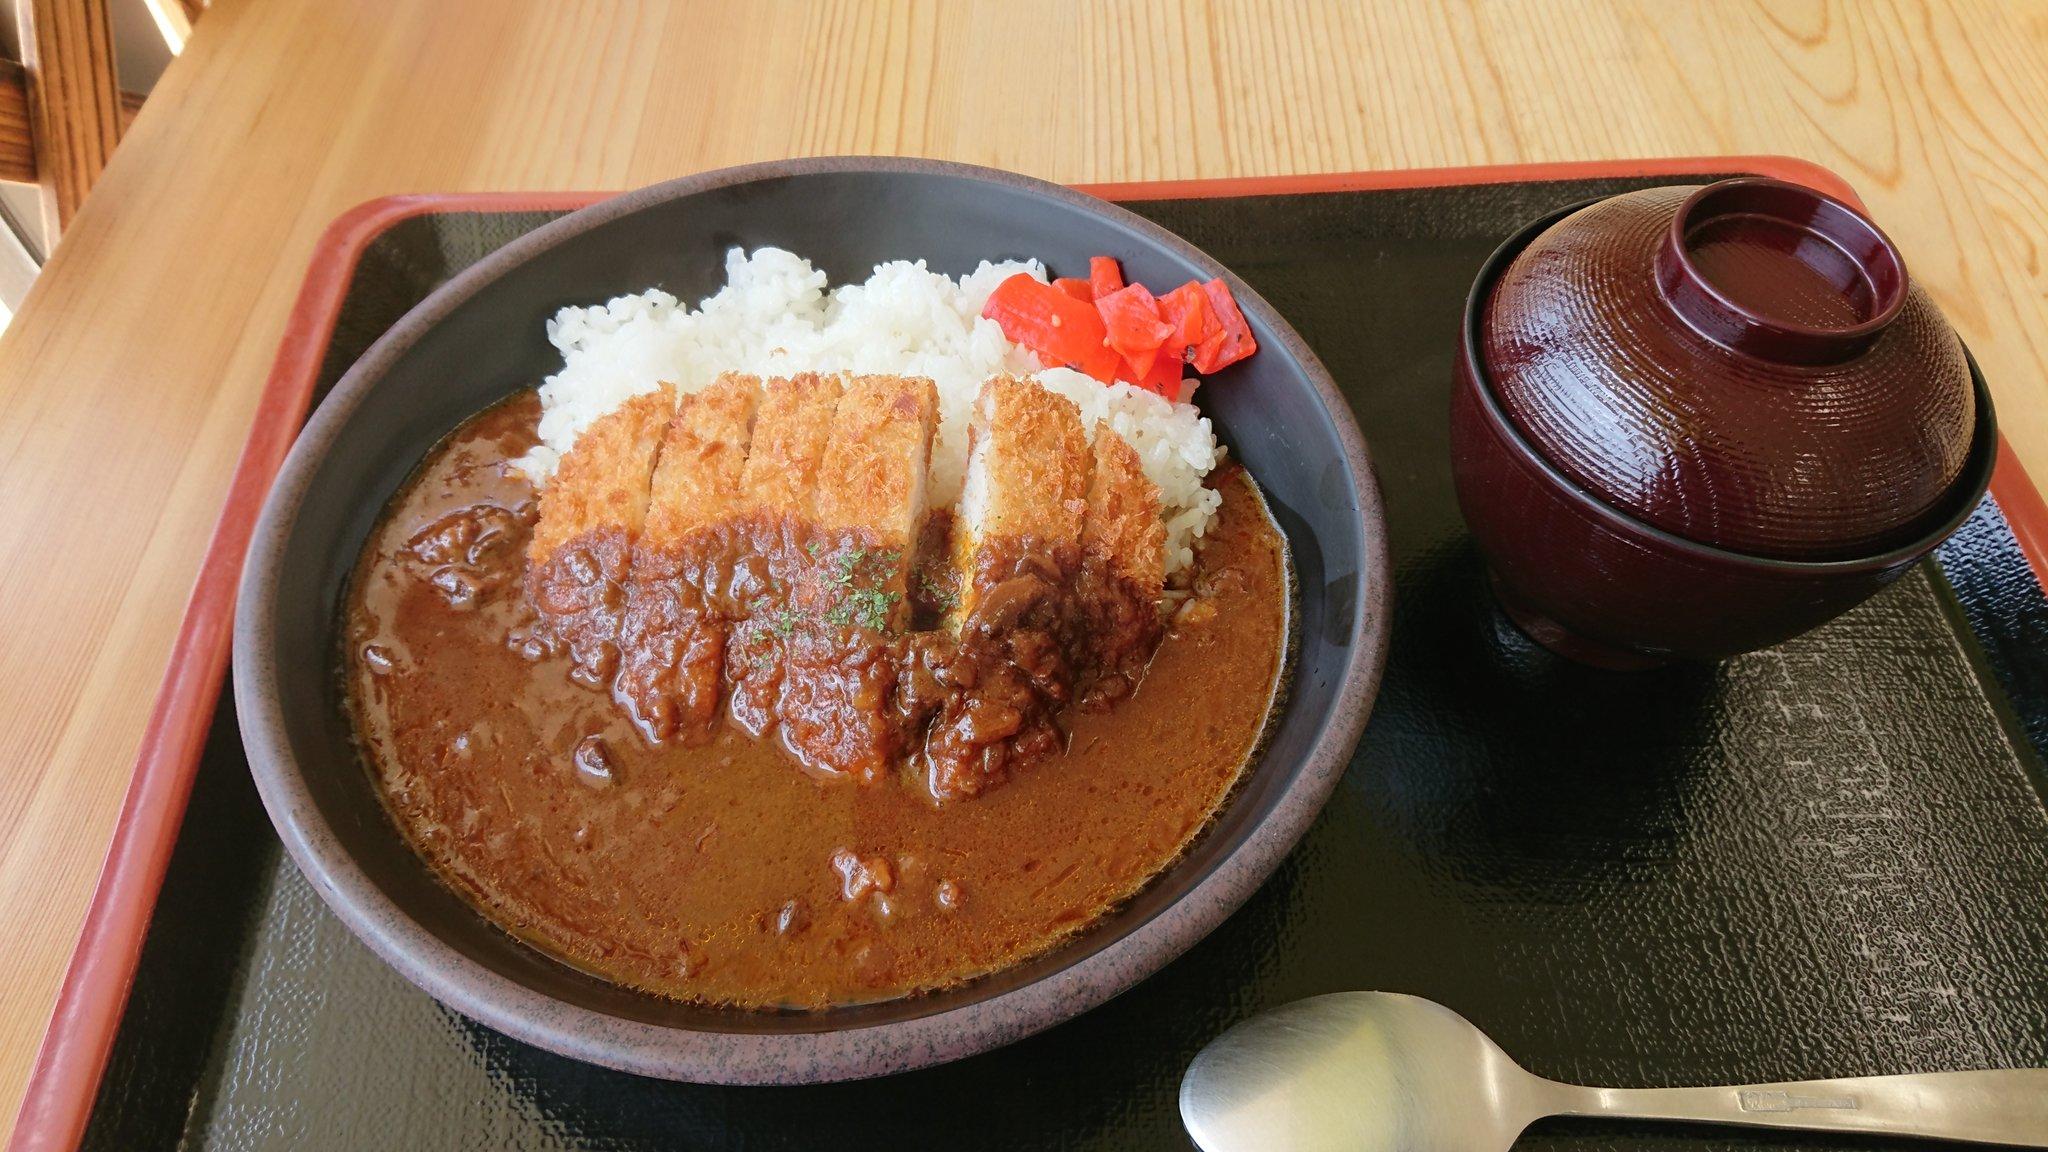 แกงกะหรี่ ญี่ปุ่น : แกงกะหรี่ทตโตริ (Tottori Curry) จ.ทตโตริ (TOTTORI)